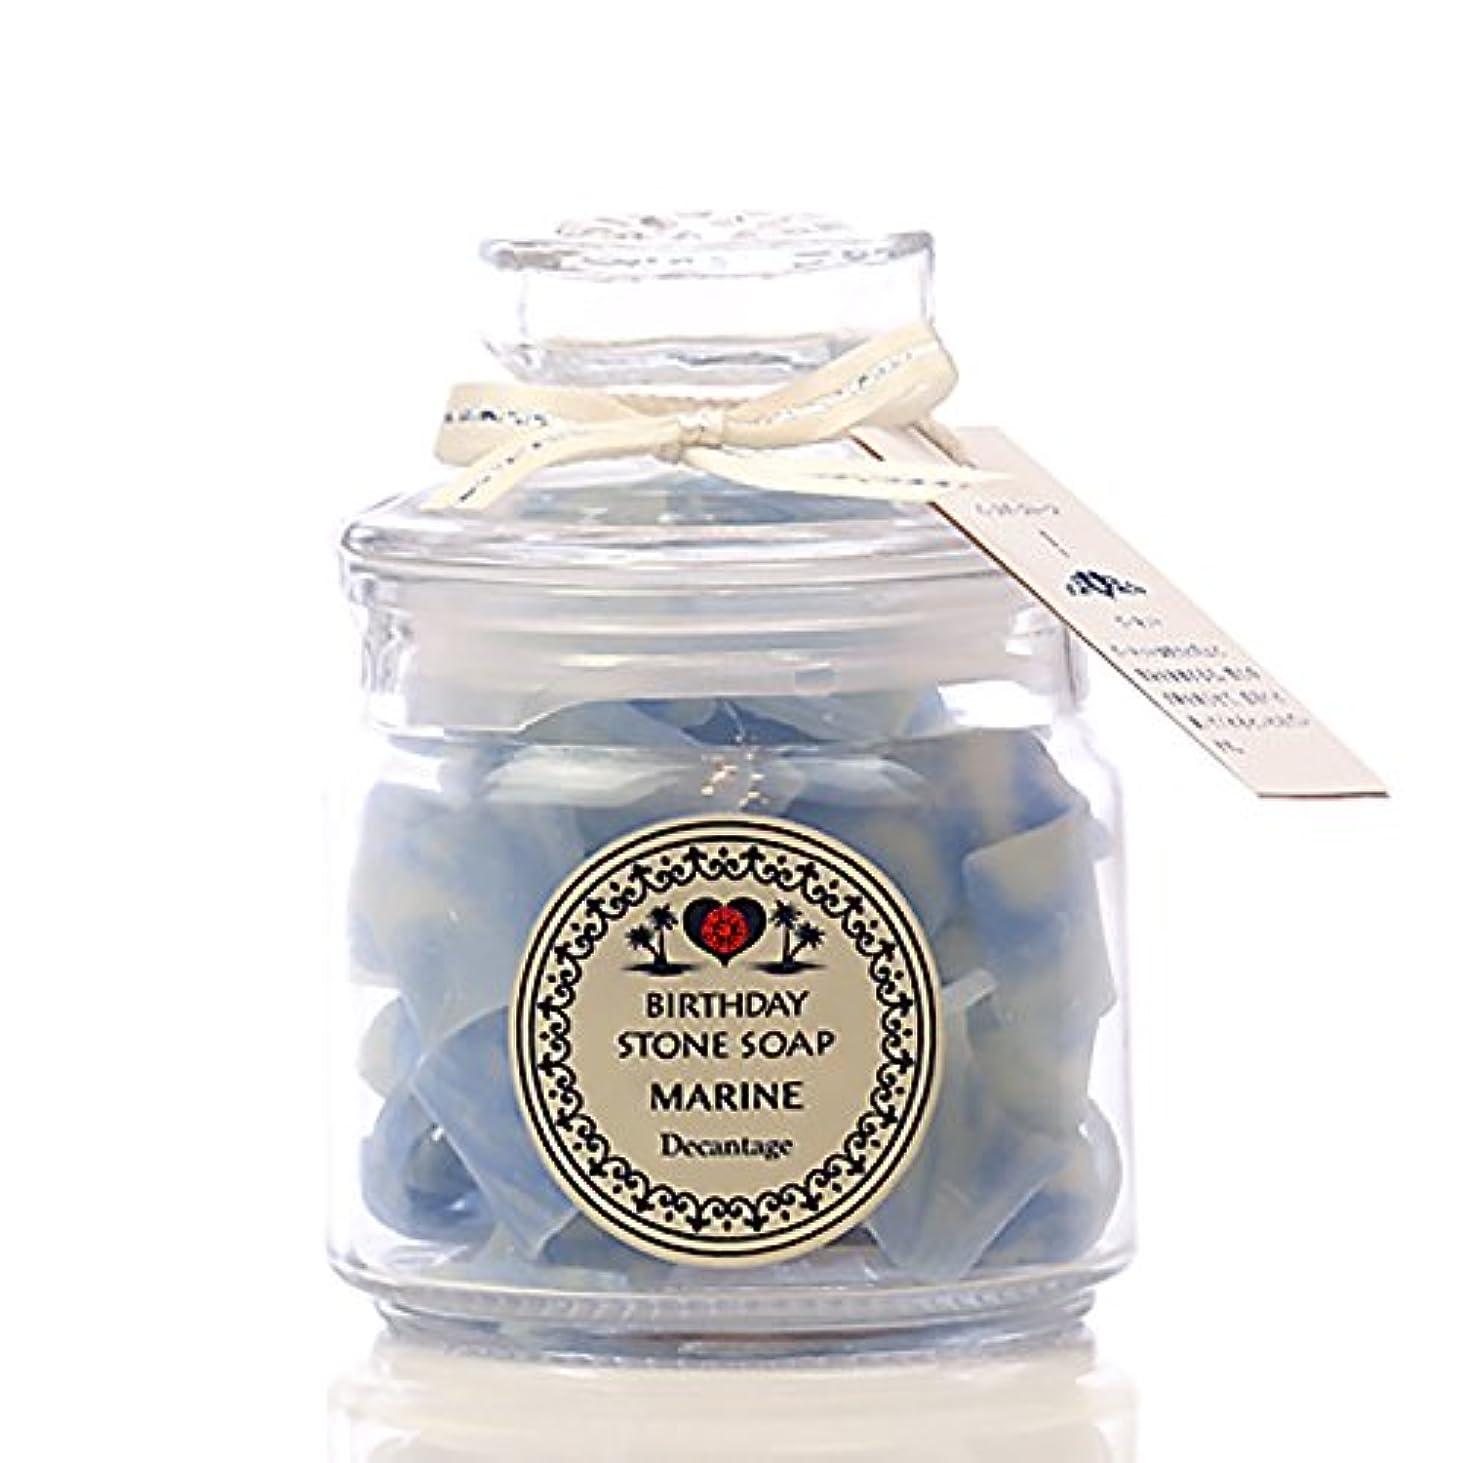 増加するガイド強化バースデーストーンソープ マリン(プレミアム) (1月)ガーネット(プルメリアの香り)